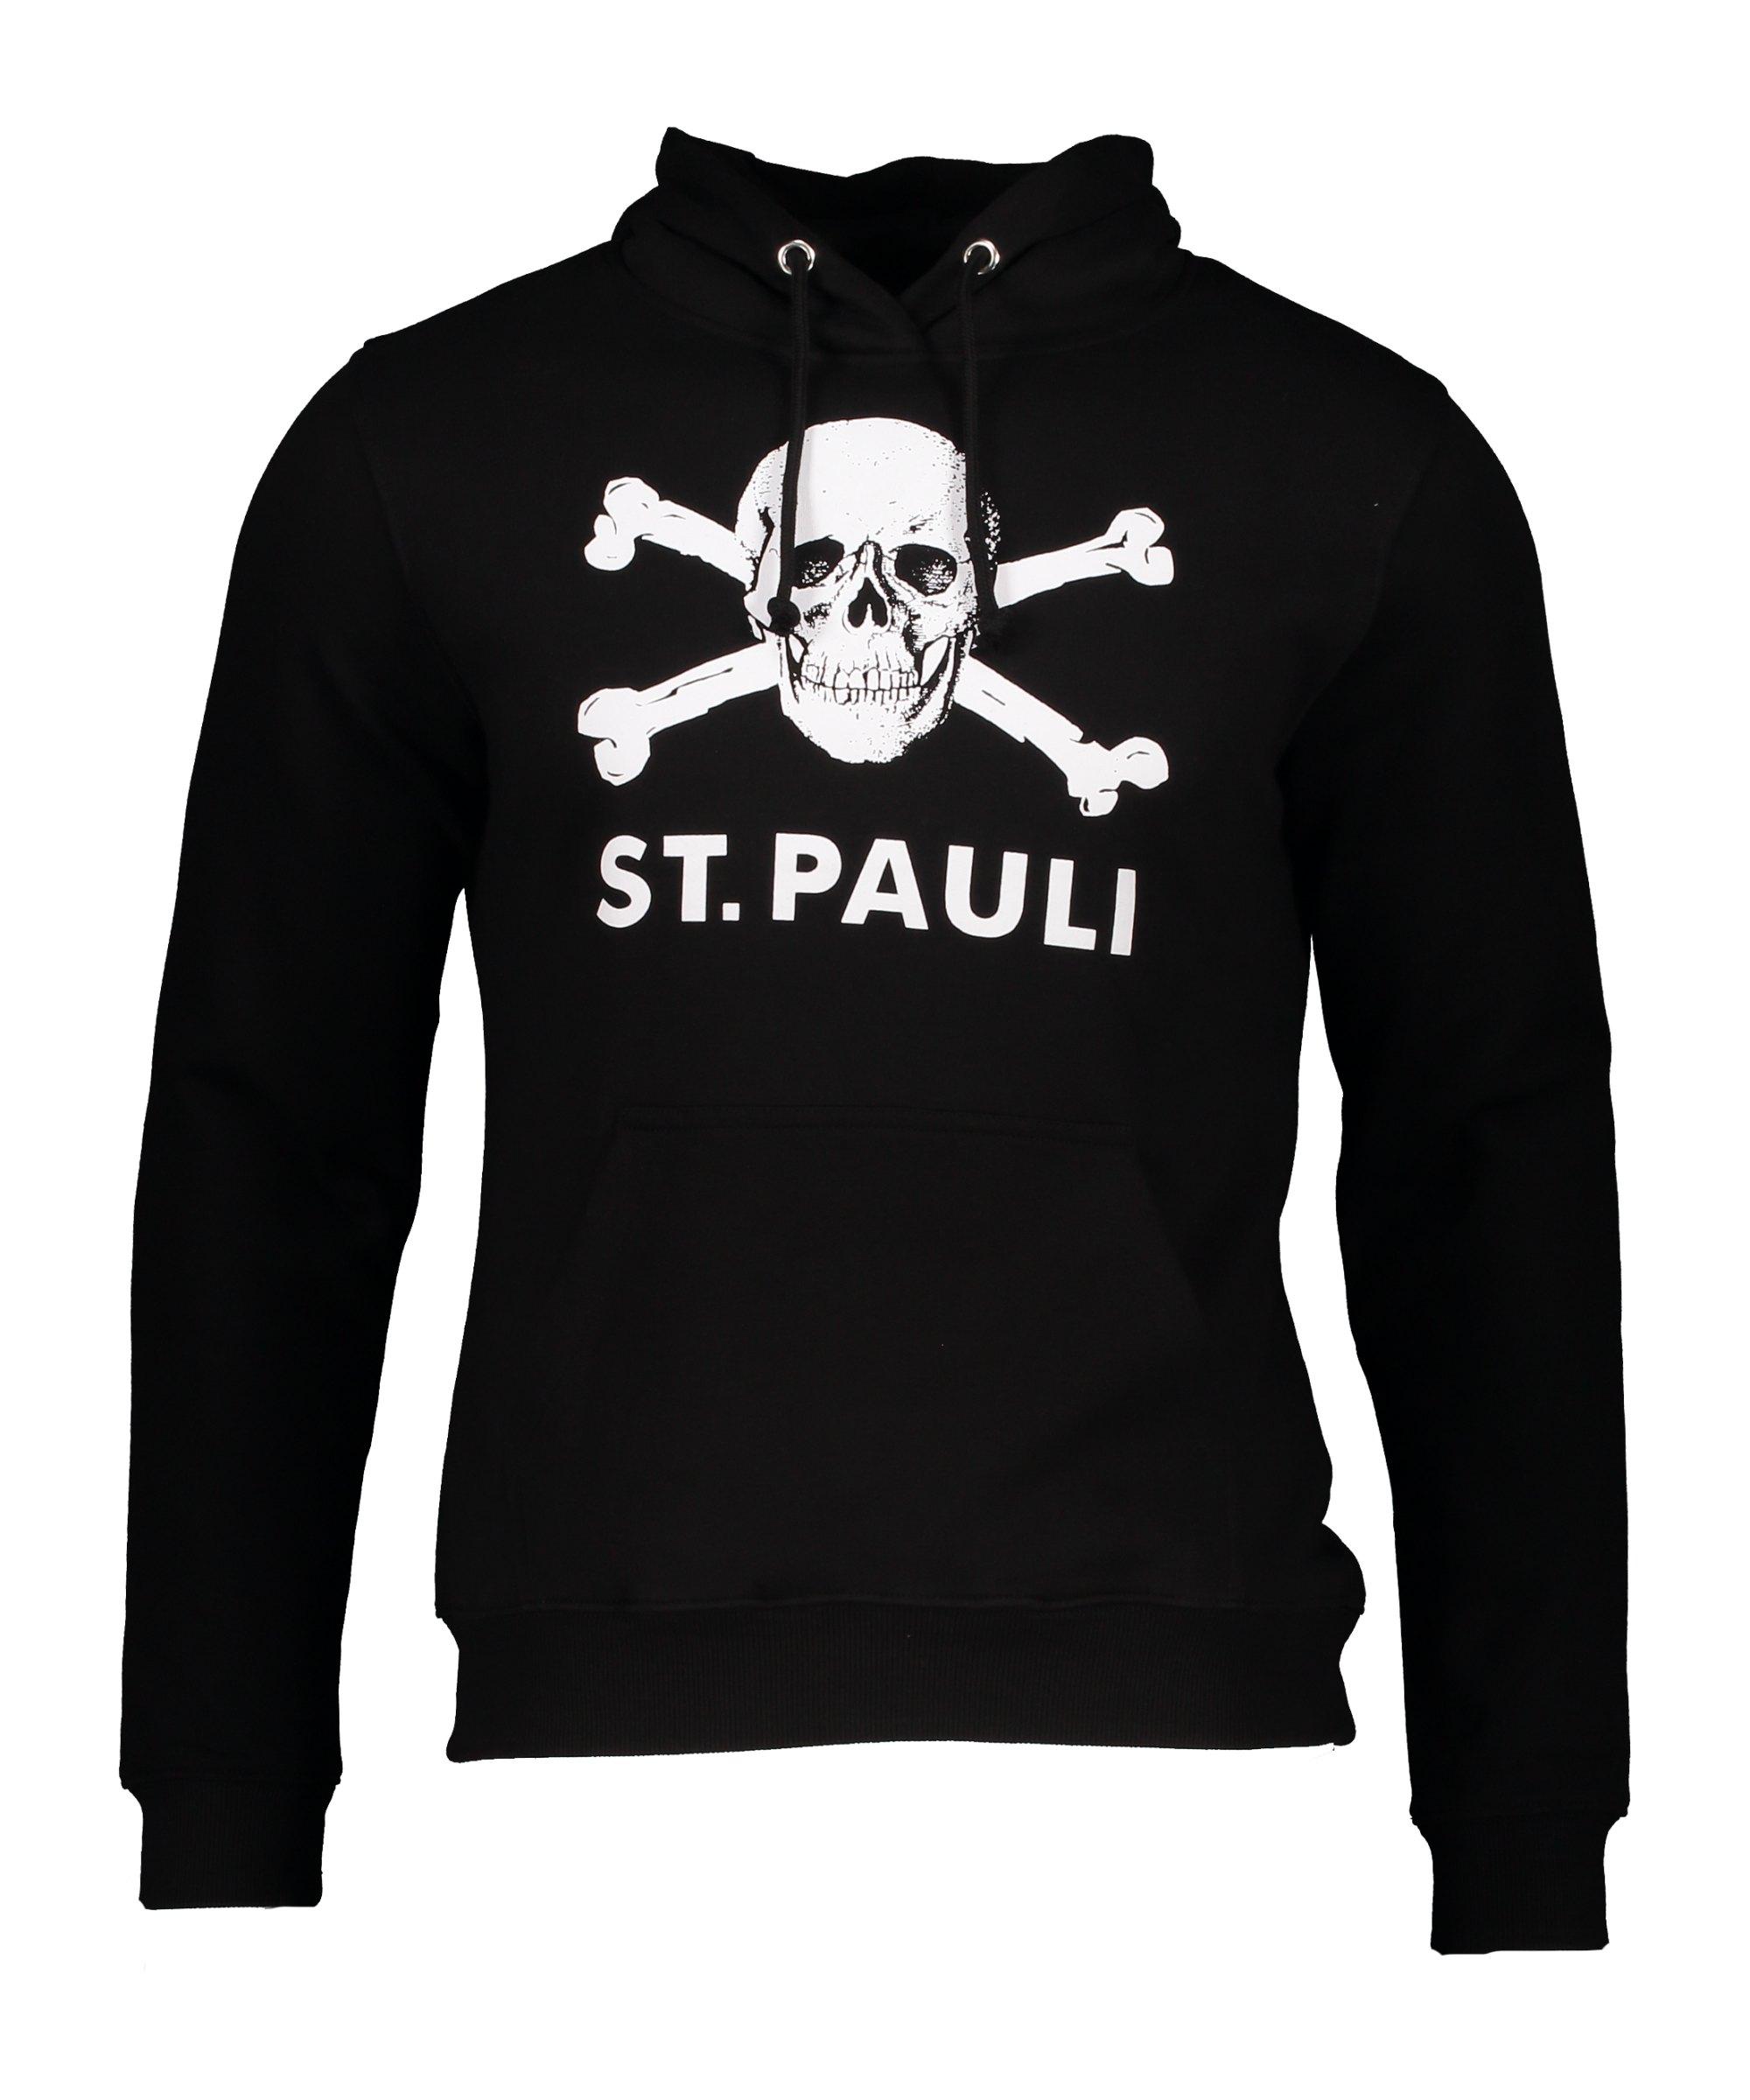 FC St. Pauli Totenkopf I Hoody Damen Schwarz - schwarz